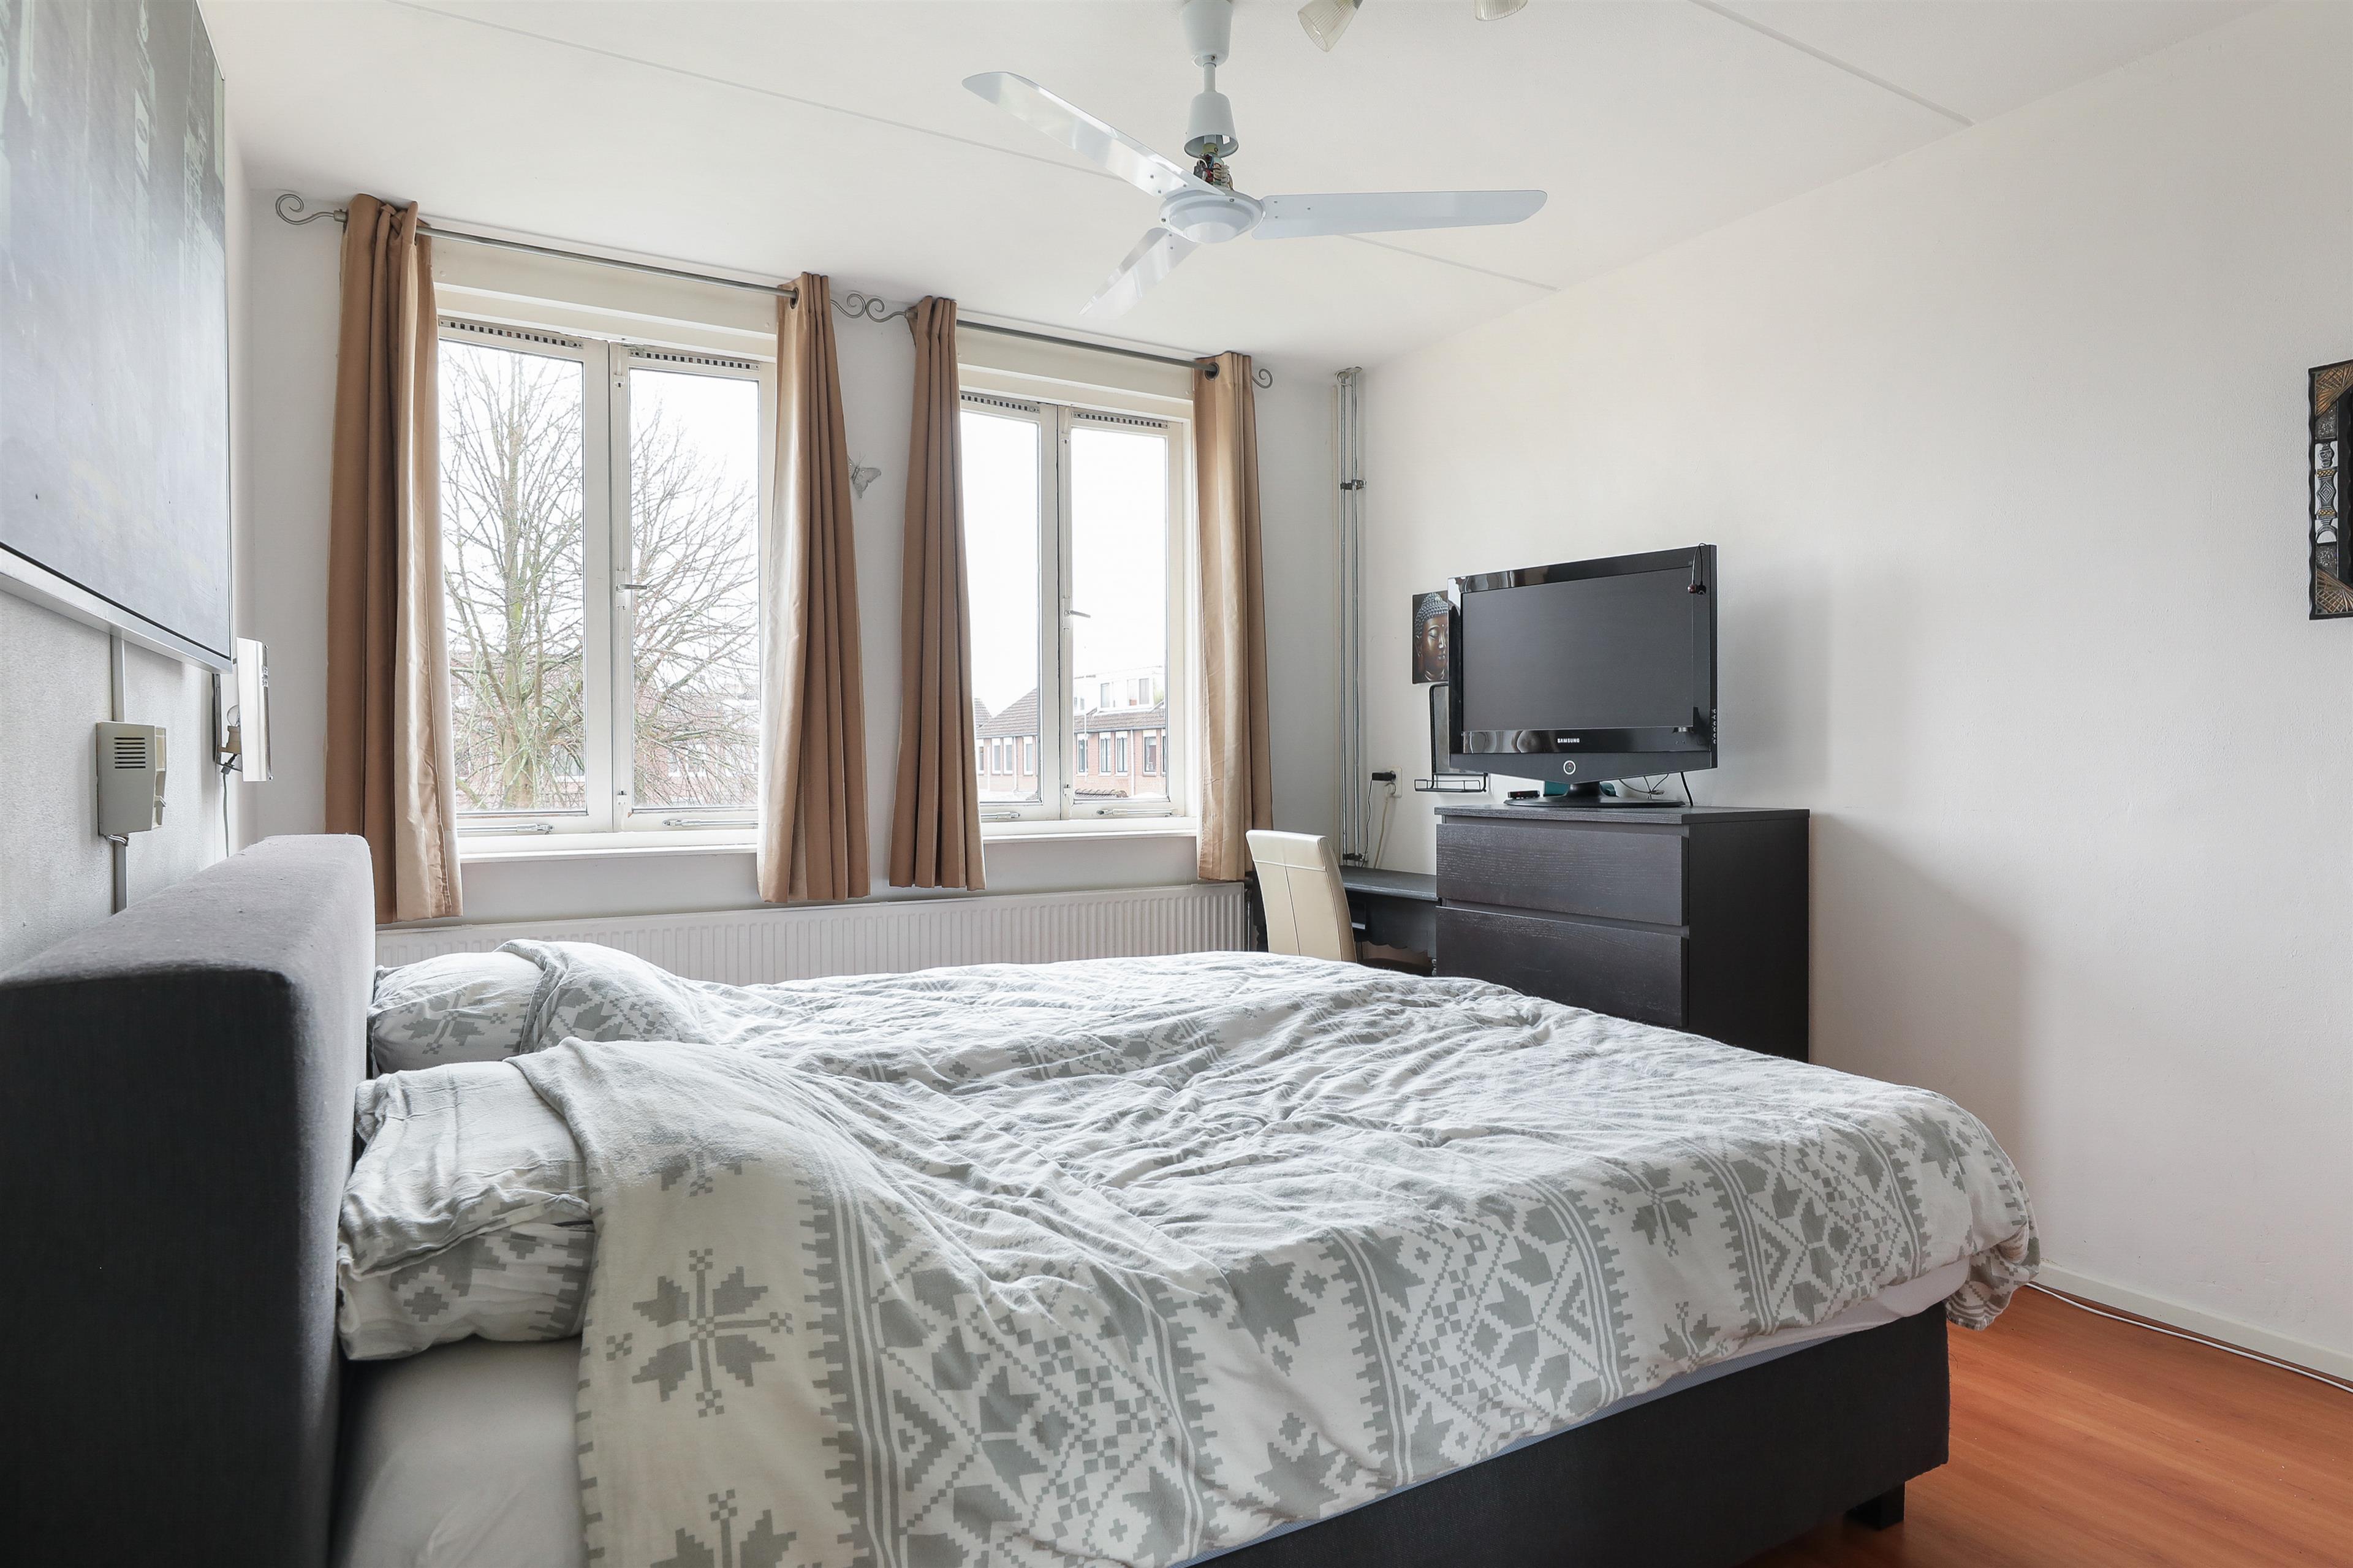 Rolgordijnen Slaapkamer 14 : Te koop: vleetstraat 14 almere hoekstra en van eck